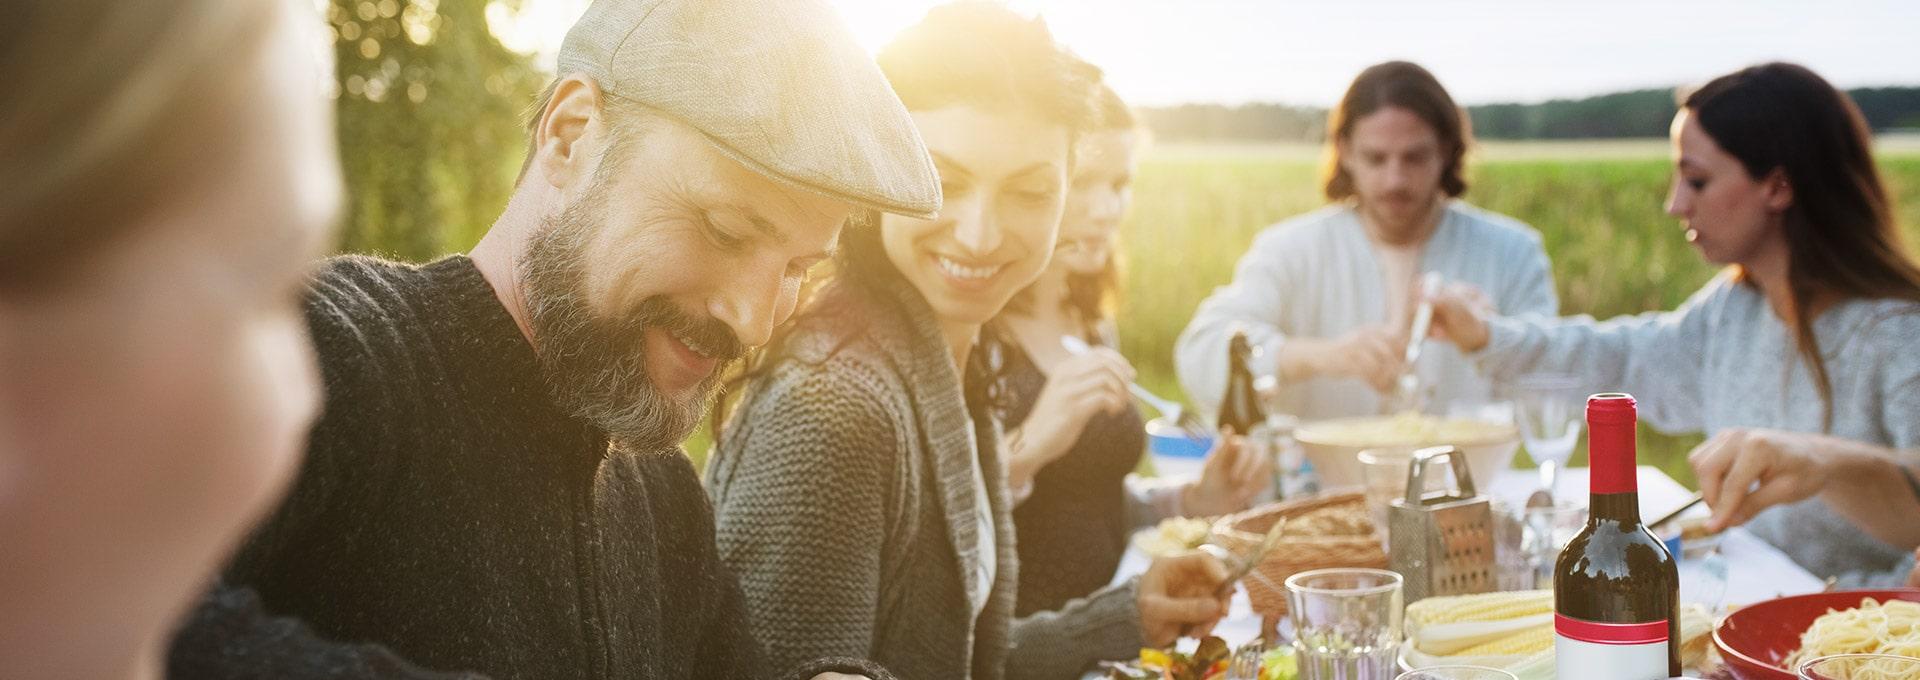 Stor gruppe af mennesker, der sidder rundt om et bord til en udendørs picnic i en udfordrende lyttesituation.